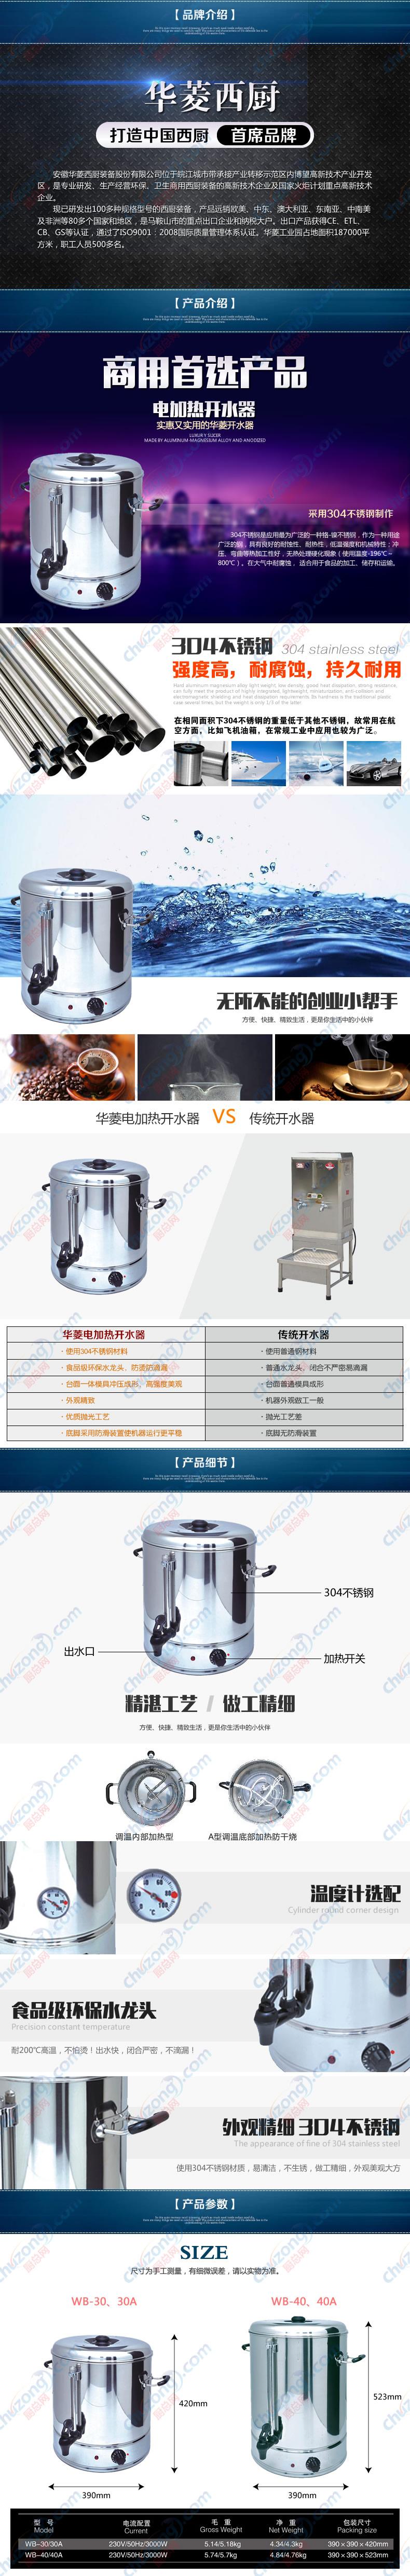 華菱西廚開水器,電熱開水器,不銹鋼開水桶(30L/40L)WB-30(A)